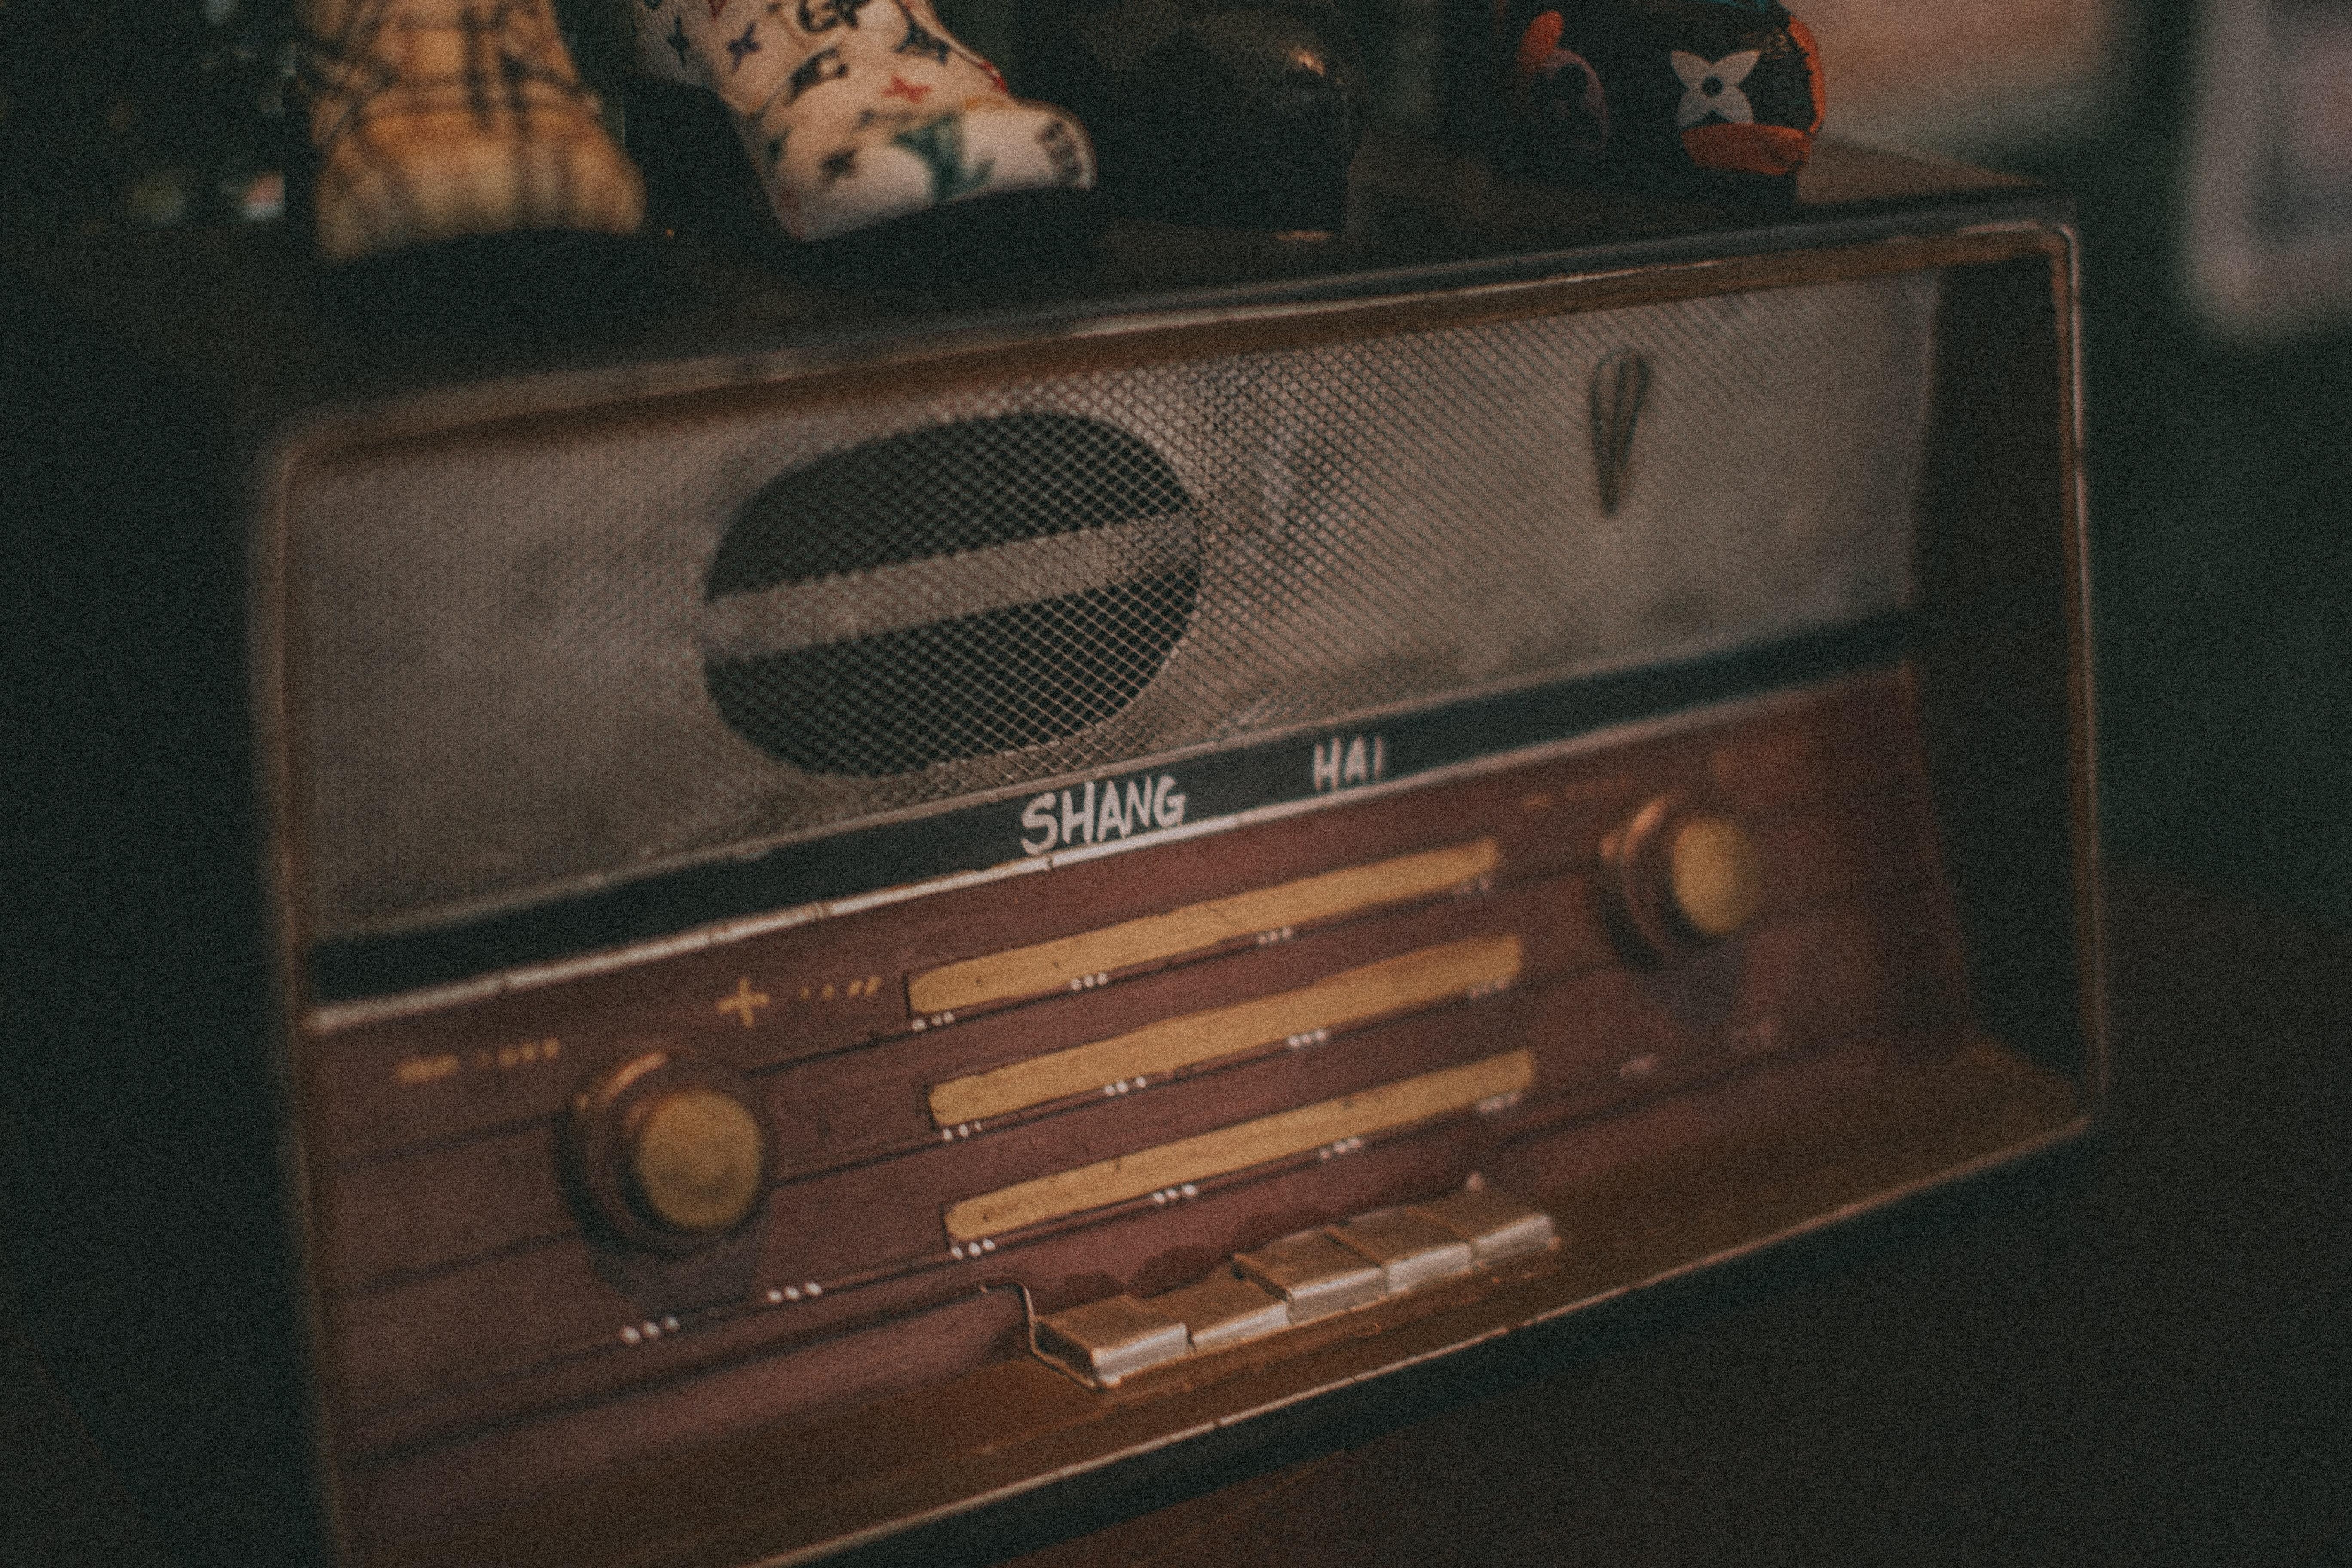 Свисток смерти, песня мохо и радио УВБ-76: 8 самых жутких аудиозаписей, найденных в Сети